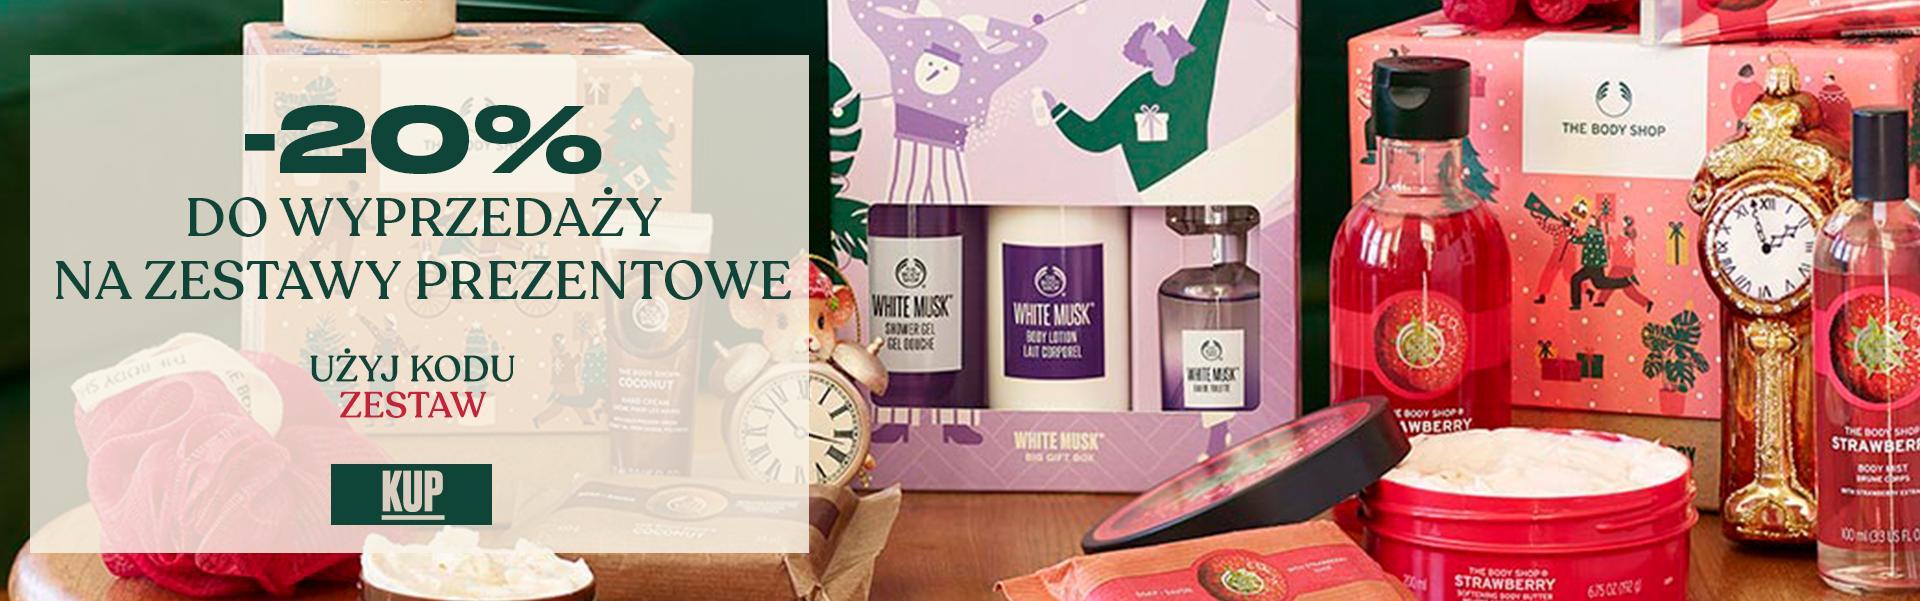 The Body Shop: 20% zniżki do wyprzedaży na zestawy prezentowe z kosmetykami